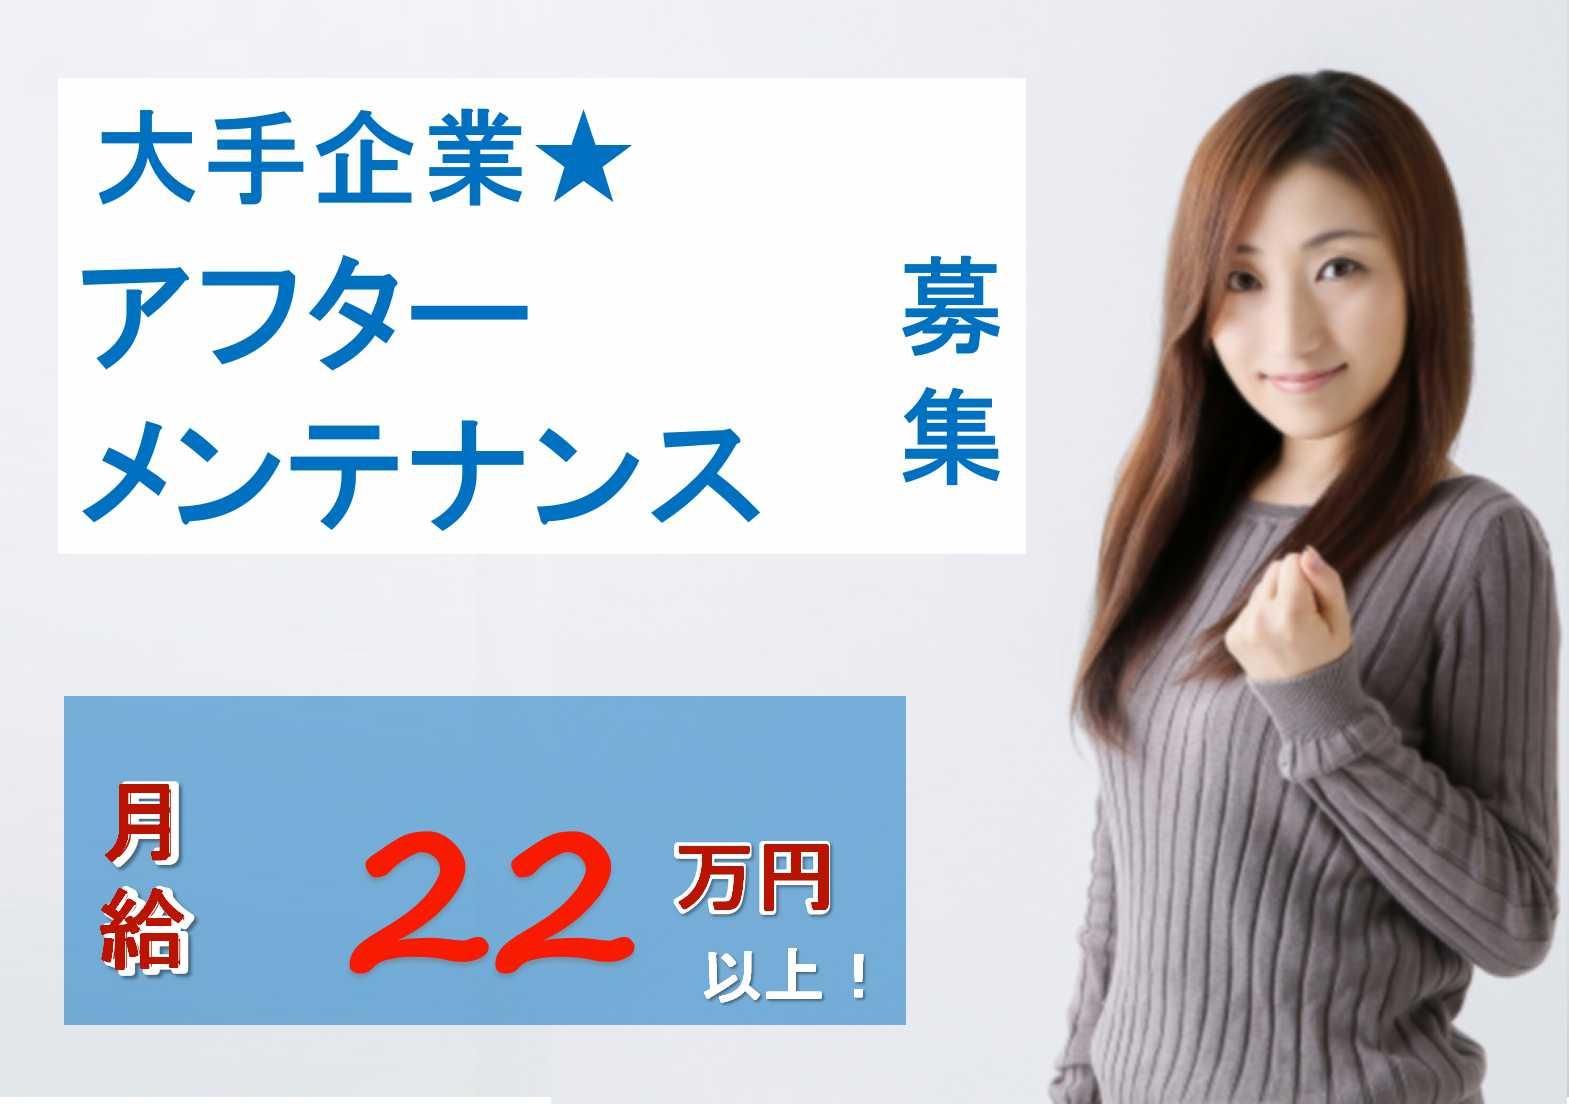 研修旅行あり★有資格者歓迎!アフターメンテナンス【即面談可能】 イメージ